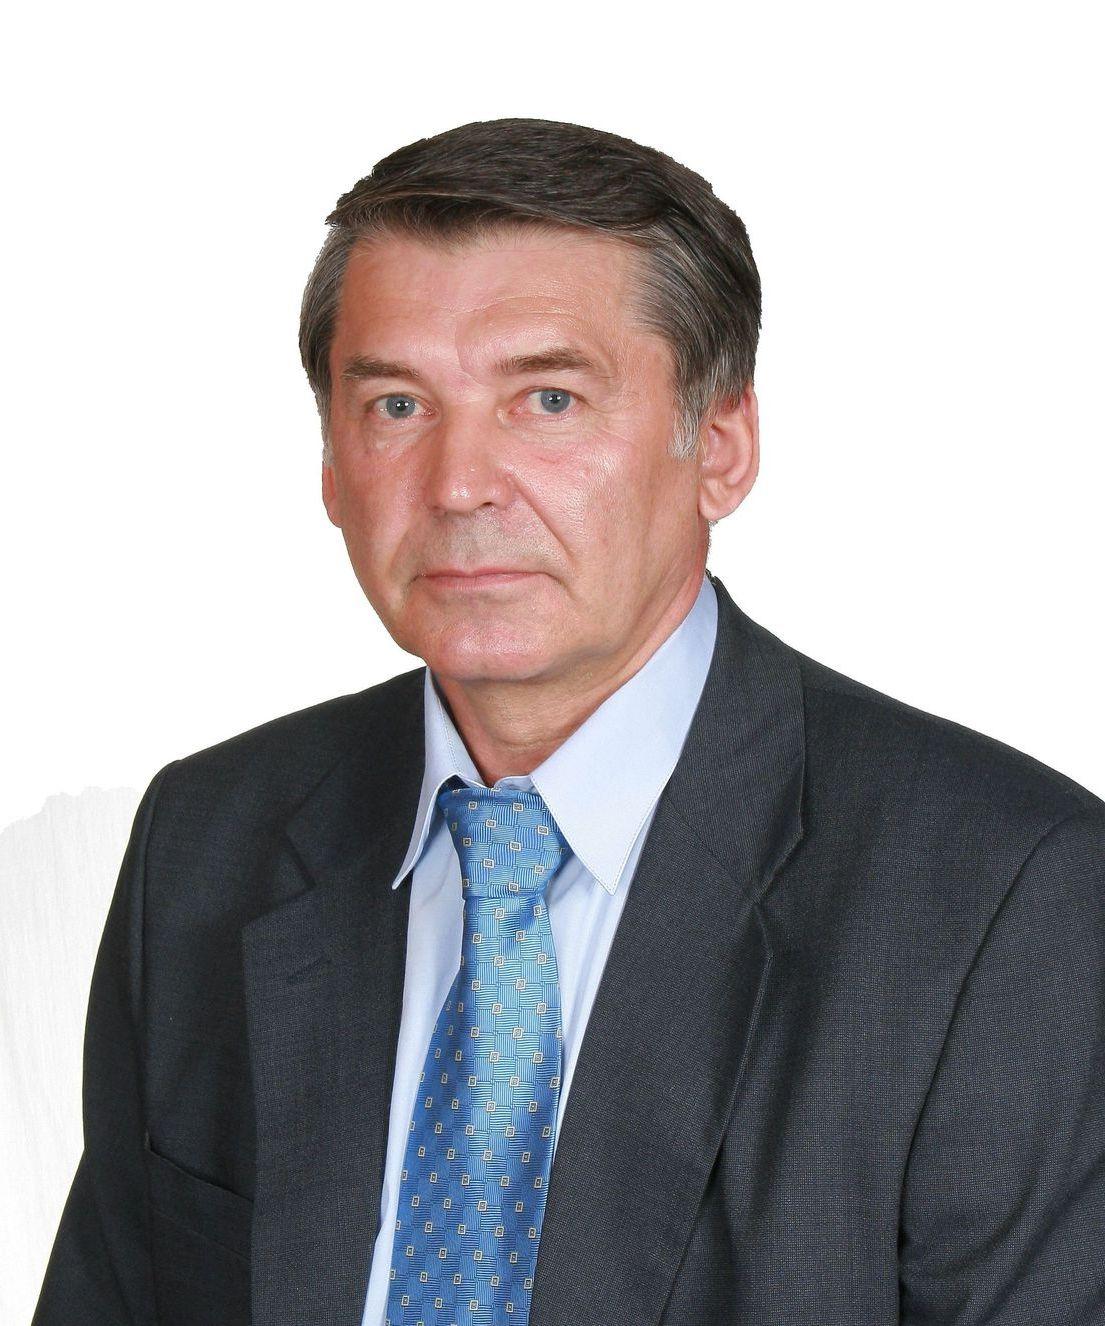 Яткин Геннадий Владимирович, Глава Верхнекетского района